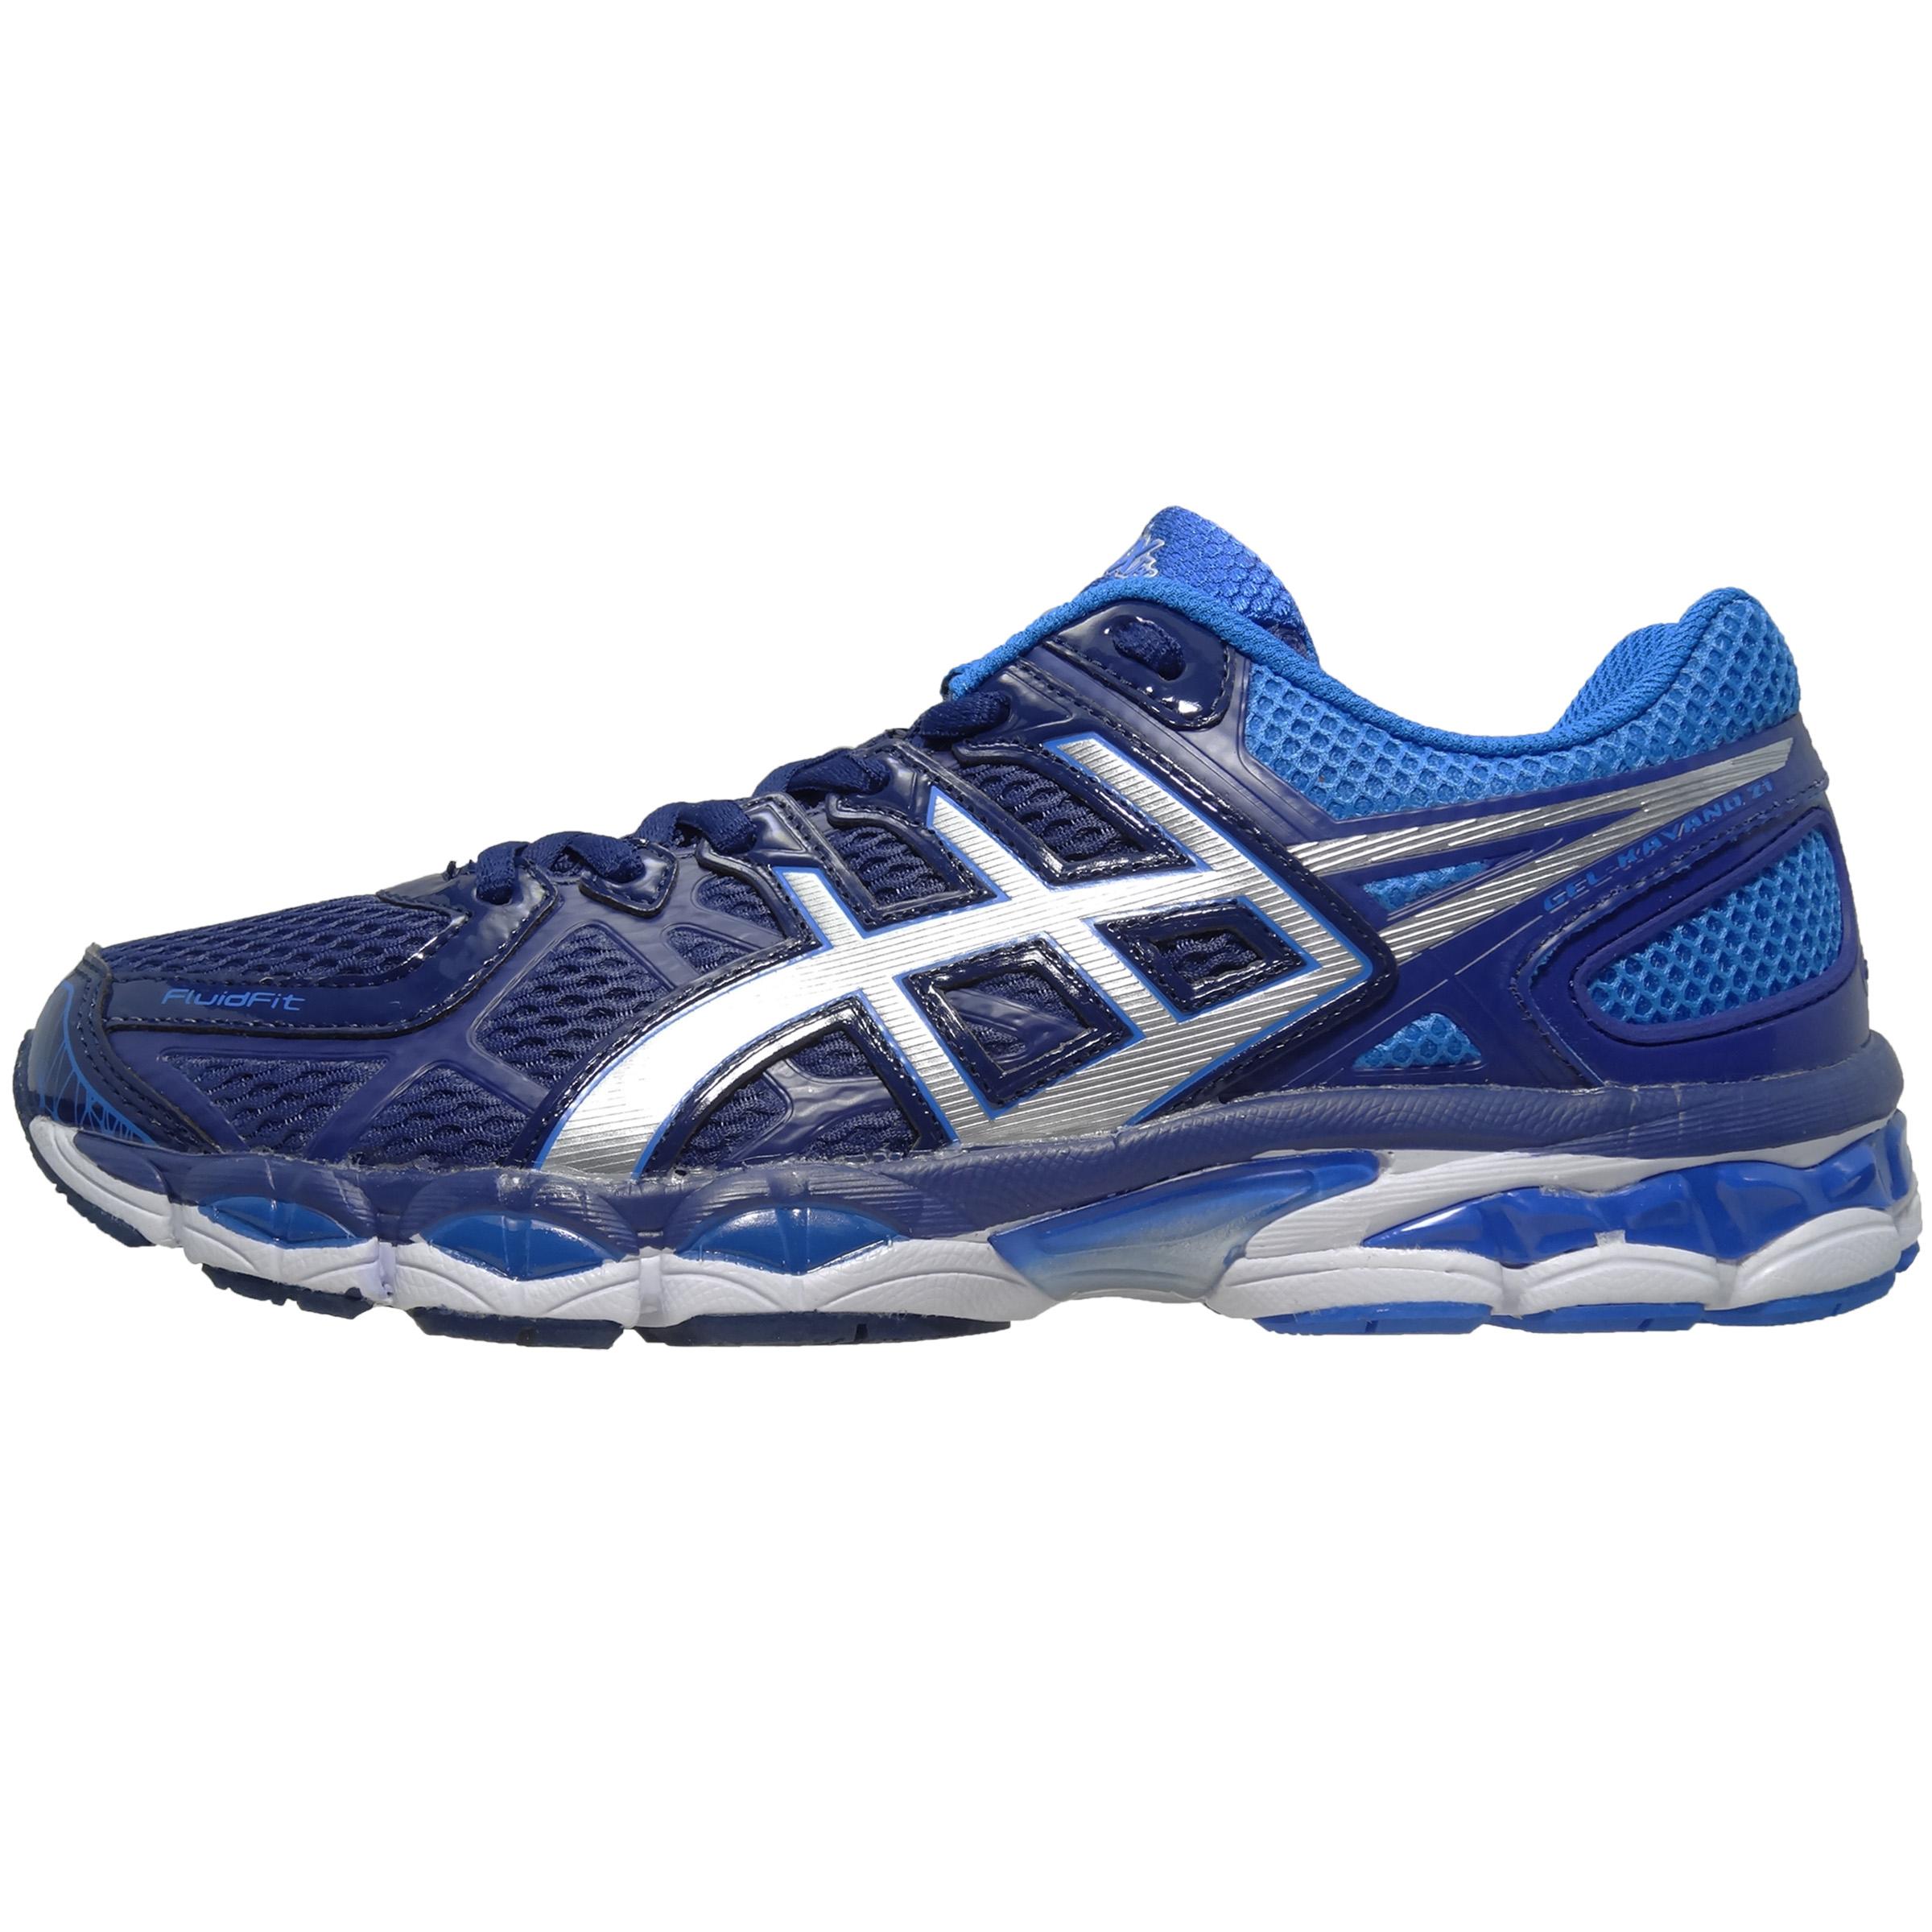 کفش مخصوص پیاده روی مردانه مدل GEL-KAYANO 21 کد 3508